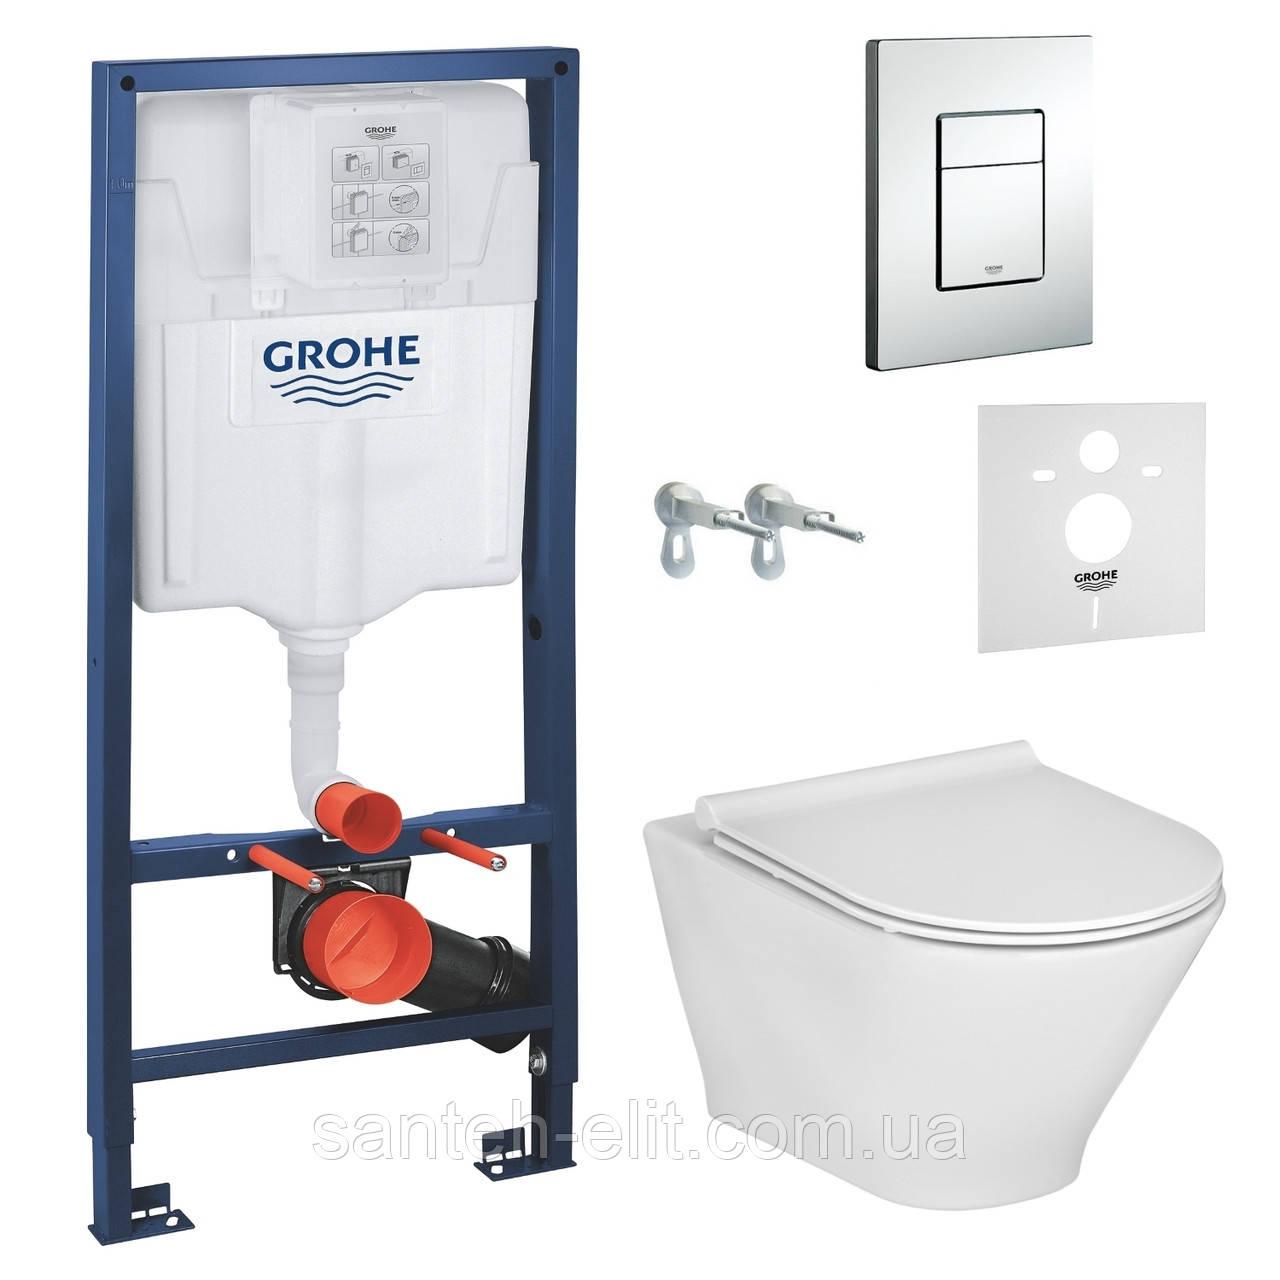 Комплект: унітаз підвісний Roca GAP ROUND Rimless з сидінням + інсталяція Grohe 3в1 + прокладка (A34H0N8000 + 38772001 + 37131)